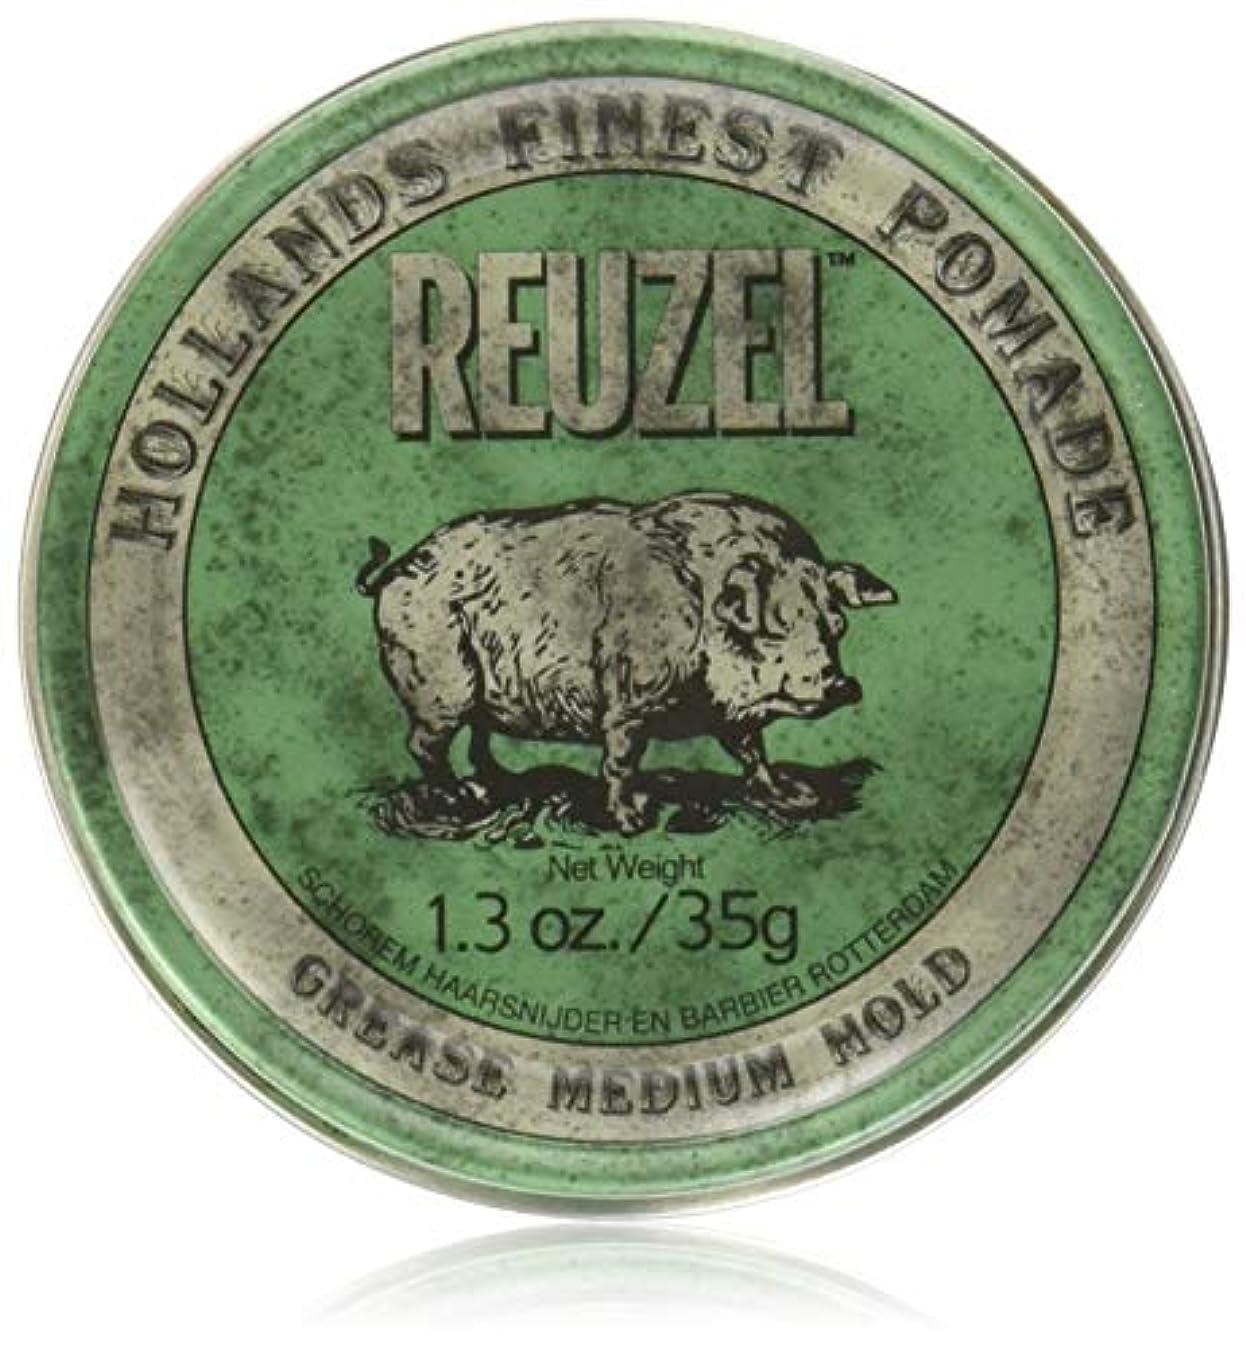 クリケット戦争同等のREUZEL Grease Hold Hair Styling Pomade Piglet Wax/Gel, Medium, Green, 1.3 oz, 35g by REUZEL